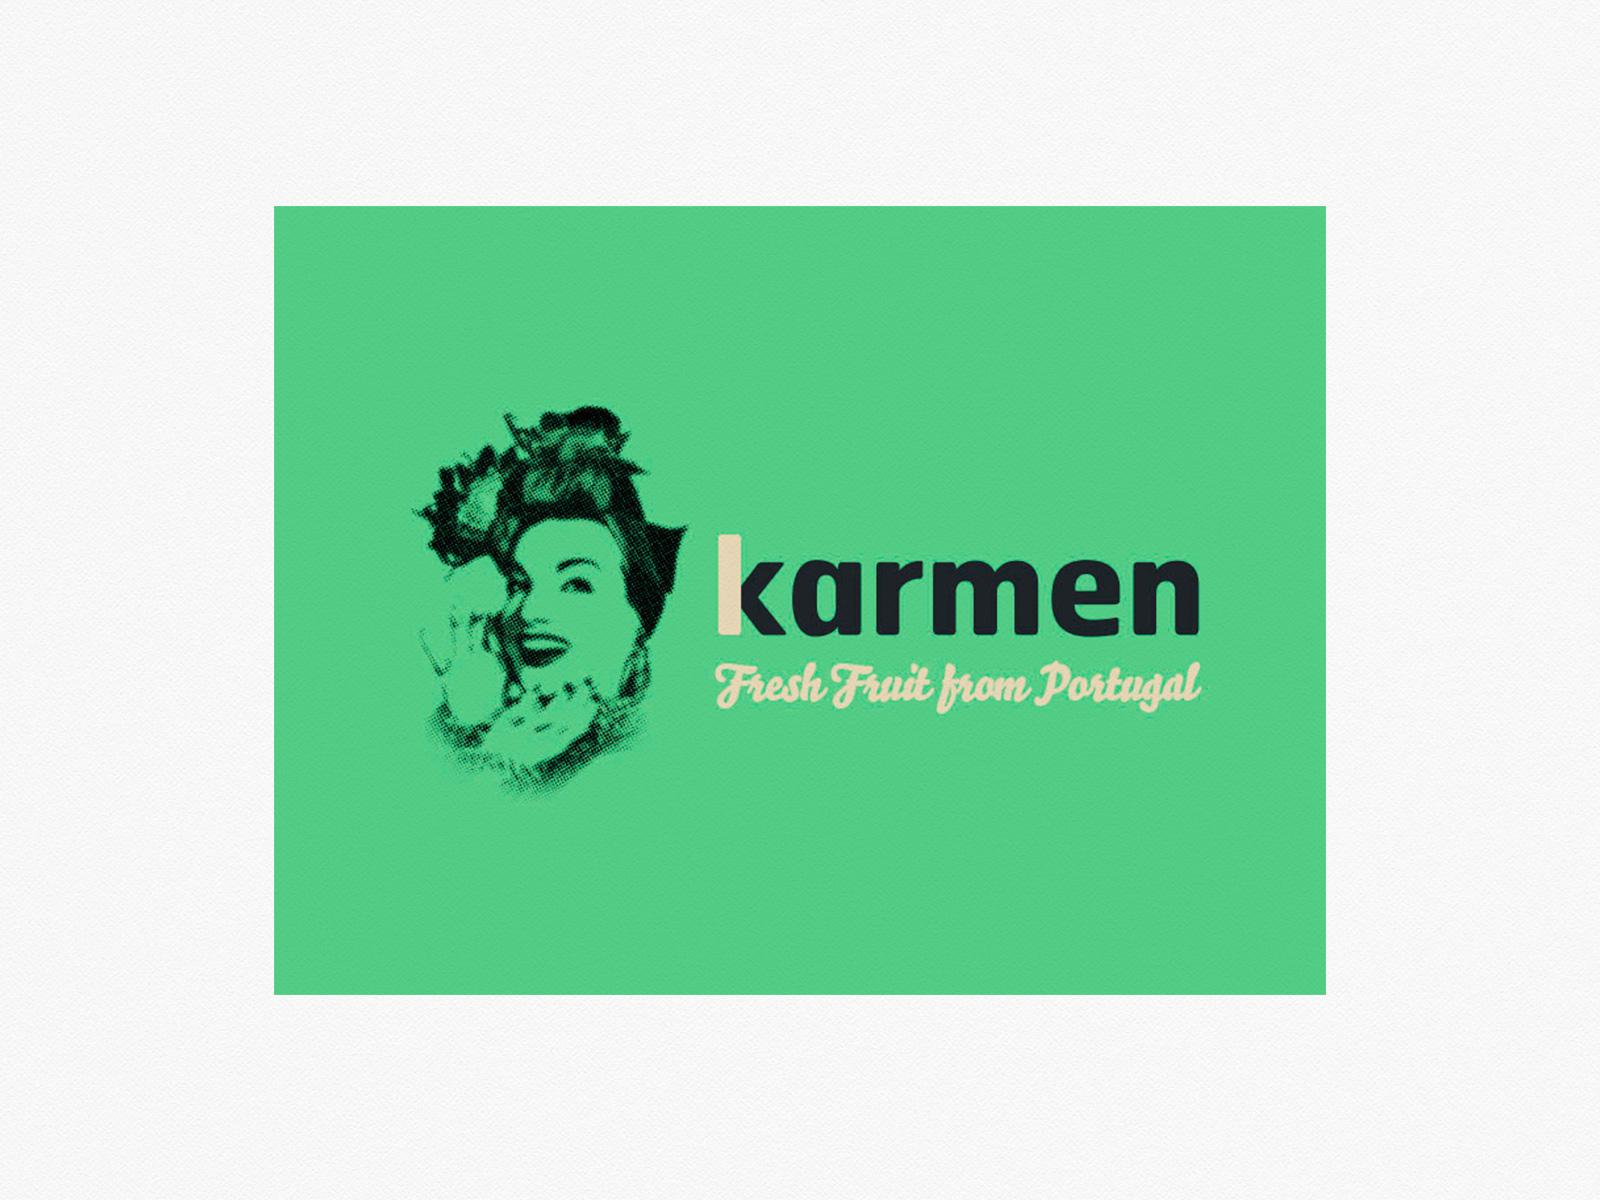 KARMEN - 0